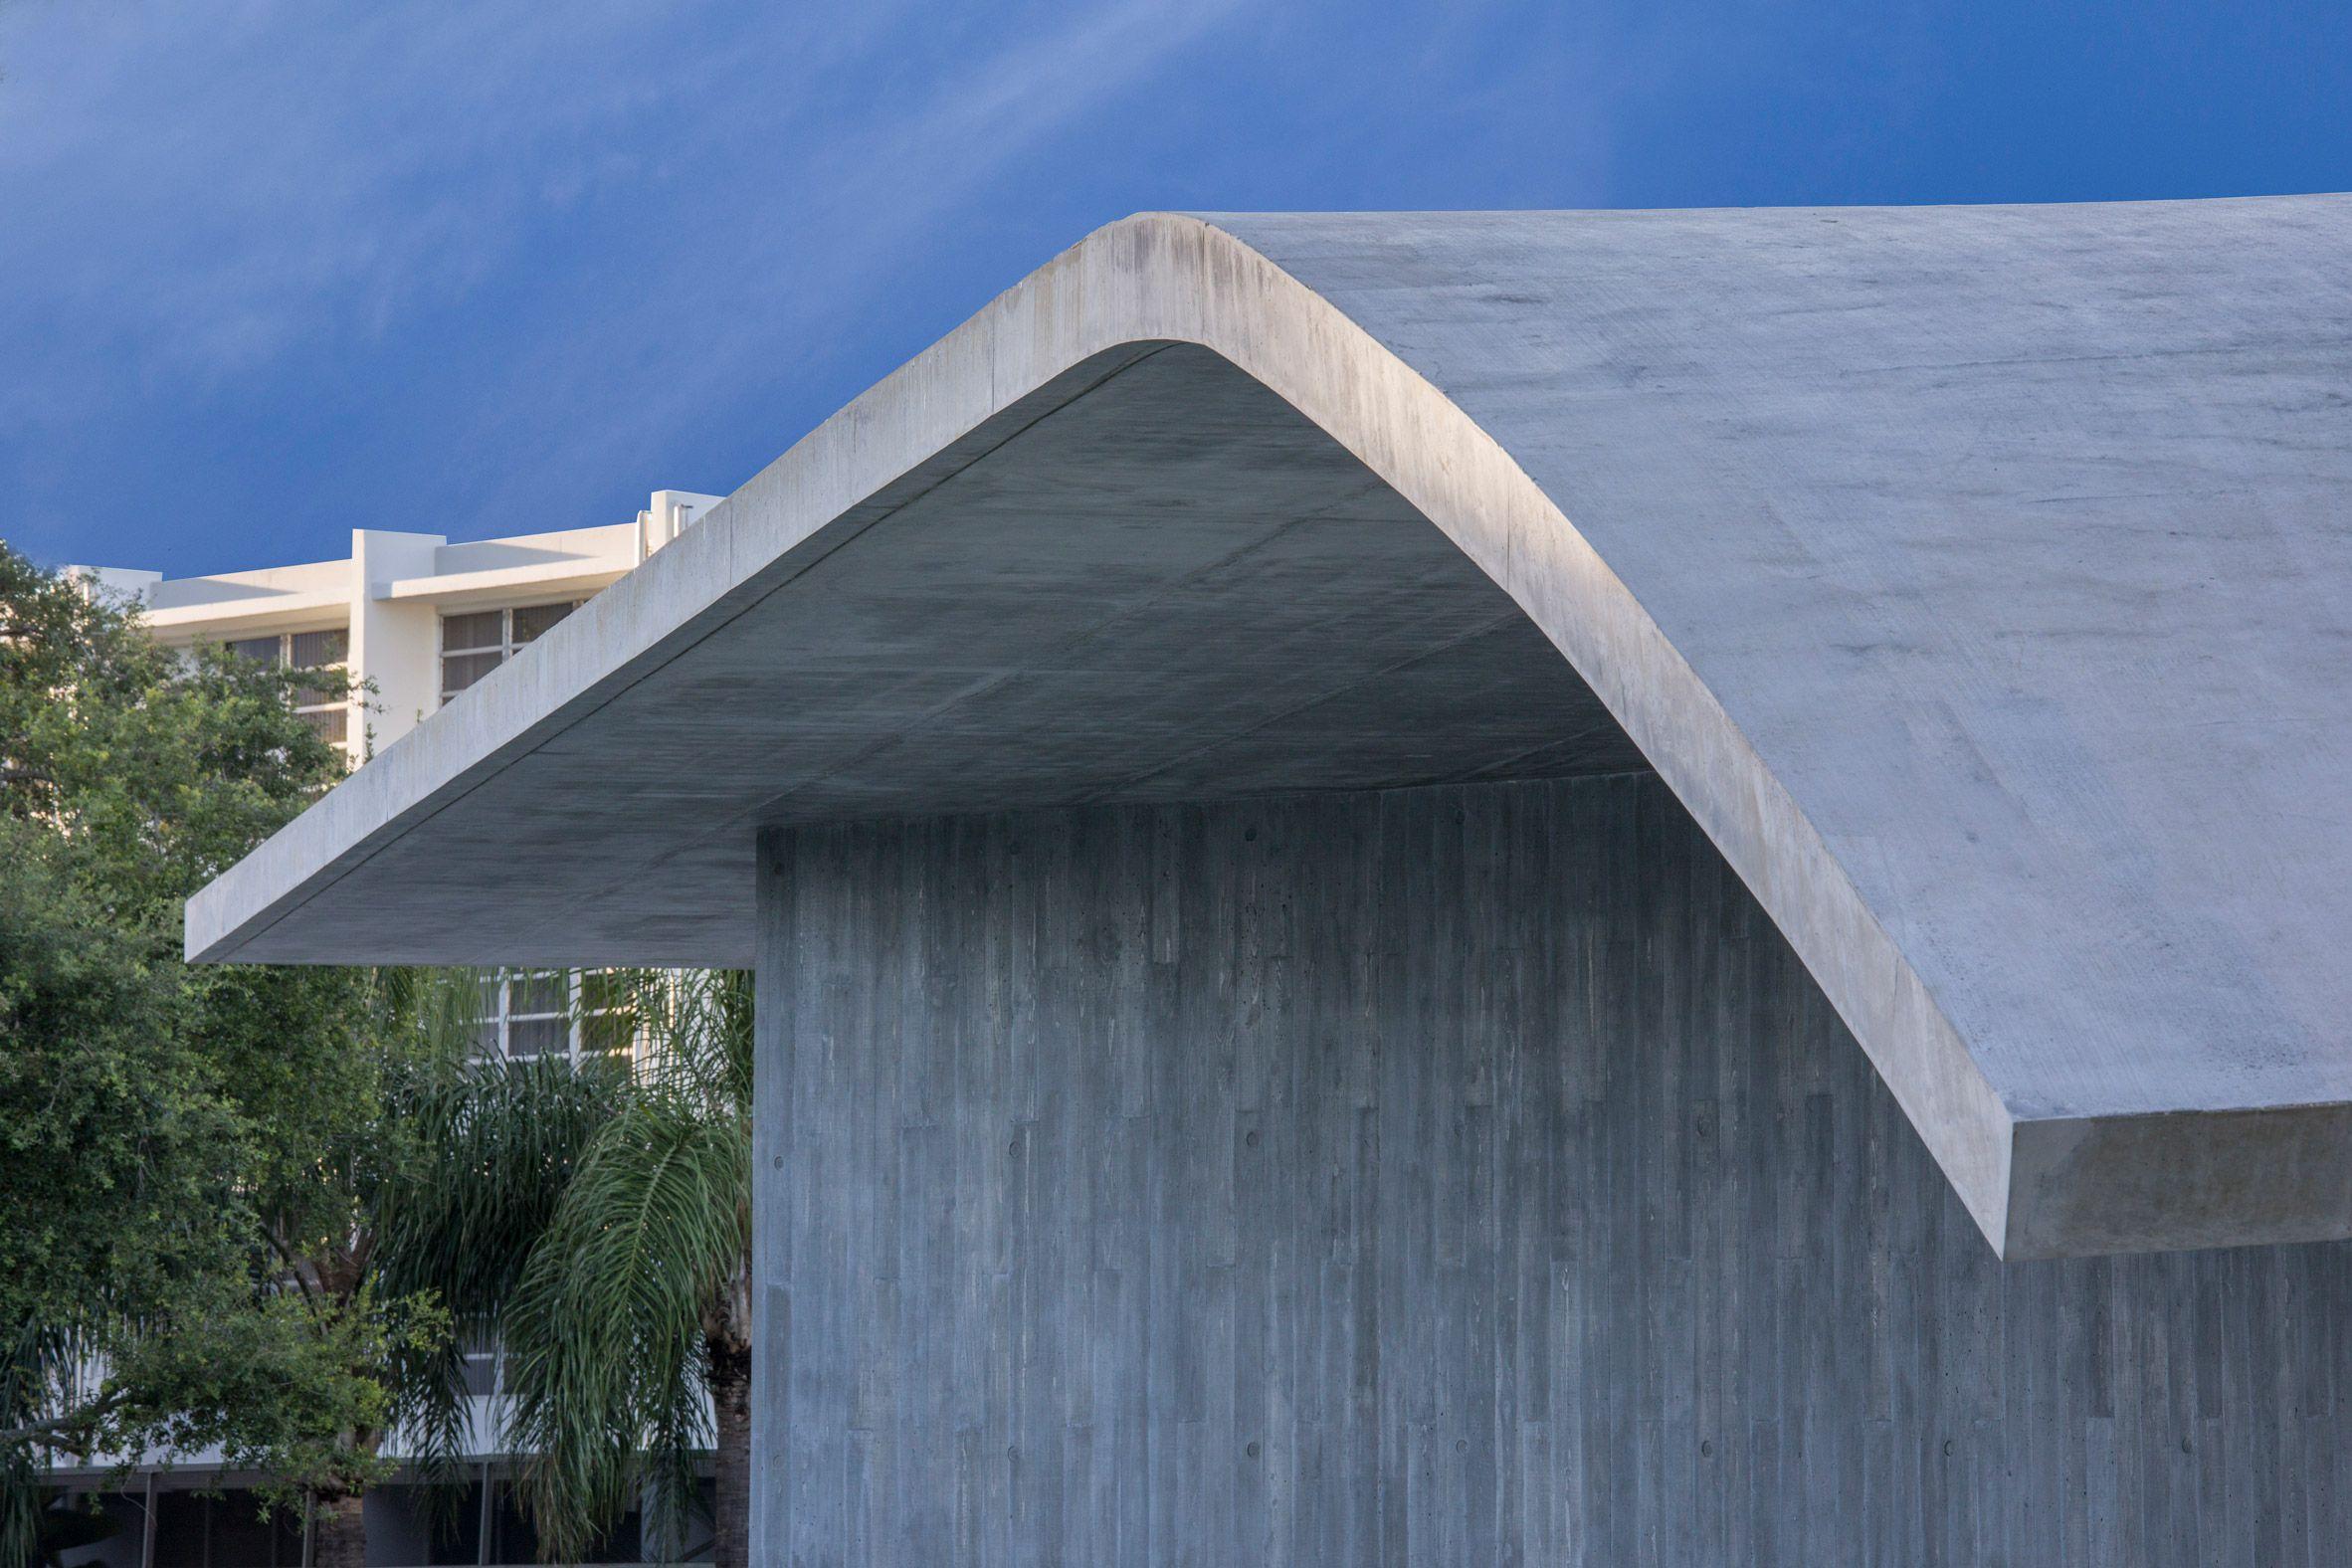 Warped Concrete Roof Tops Miami Architecture School By Arquitectonica Miami Architecture Architecture School Architecture